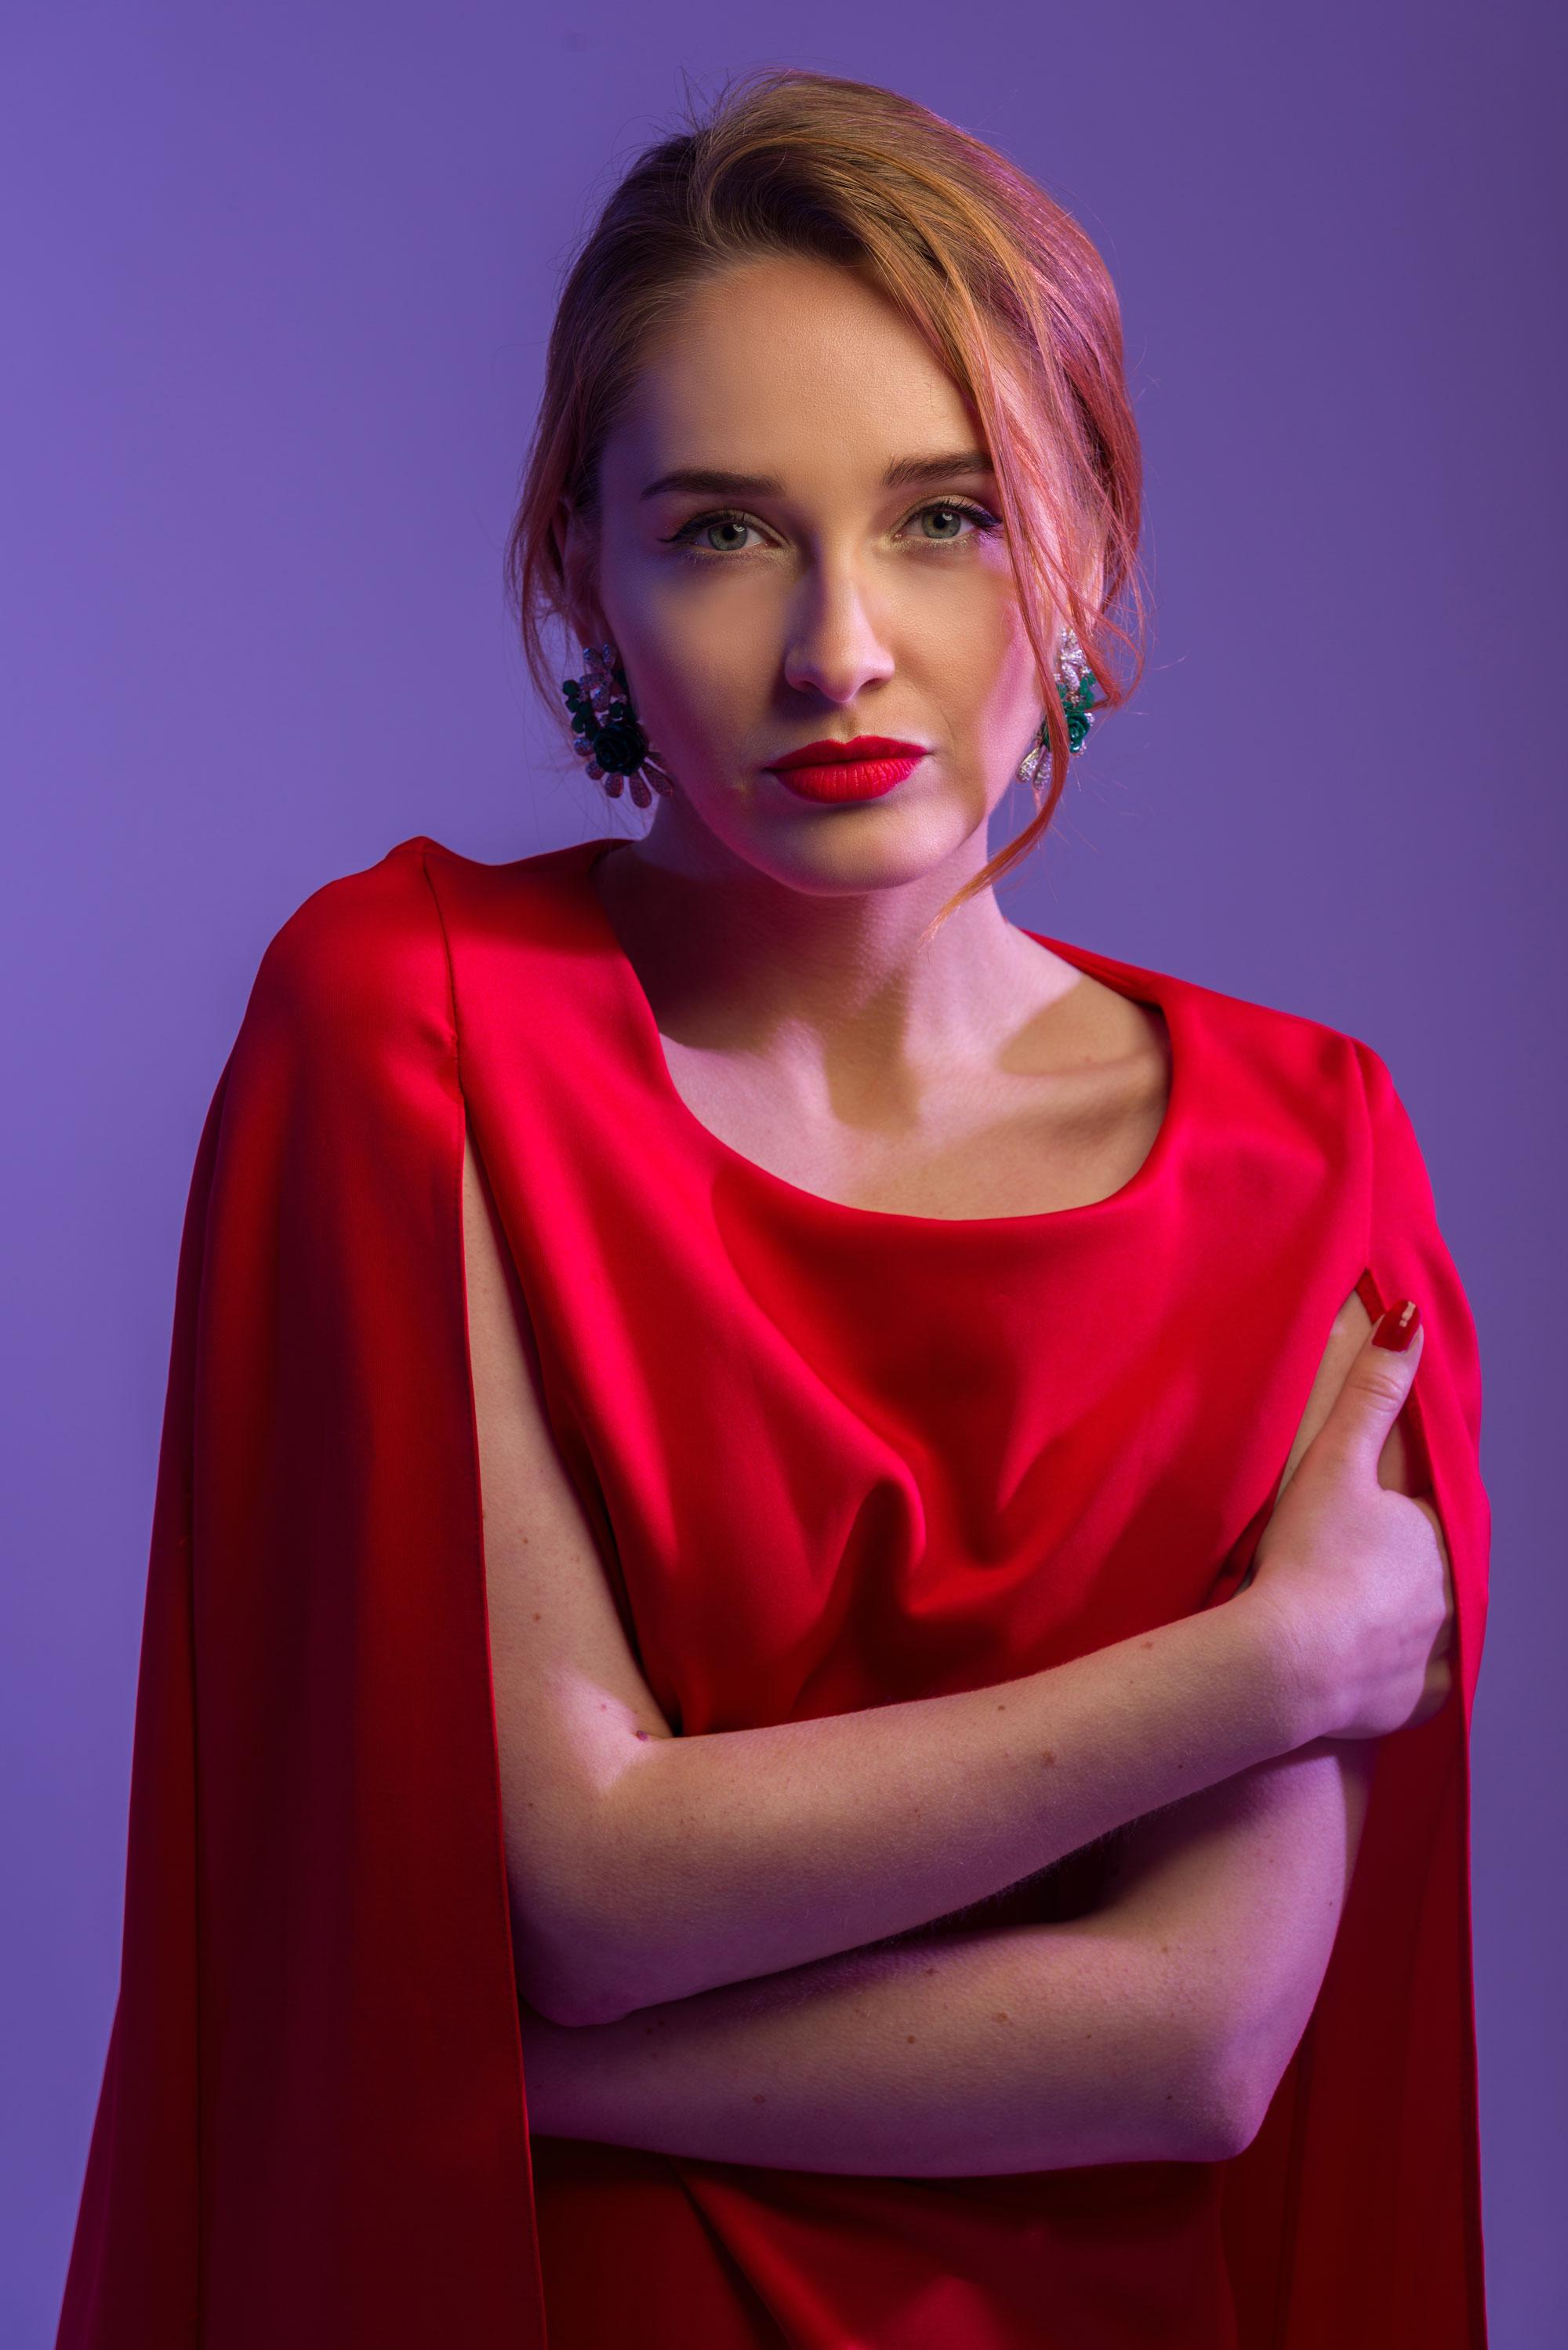 Valentine's day dress inspiration - www.fashionartista.com